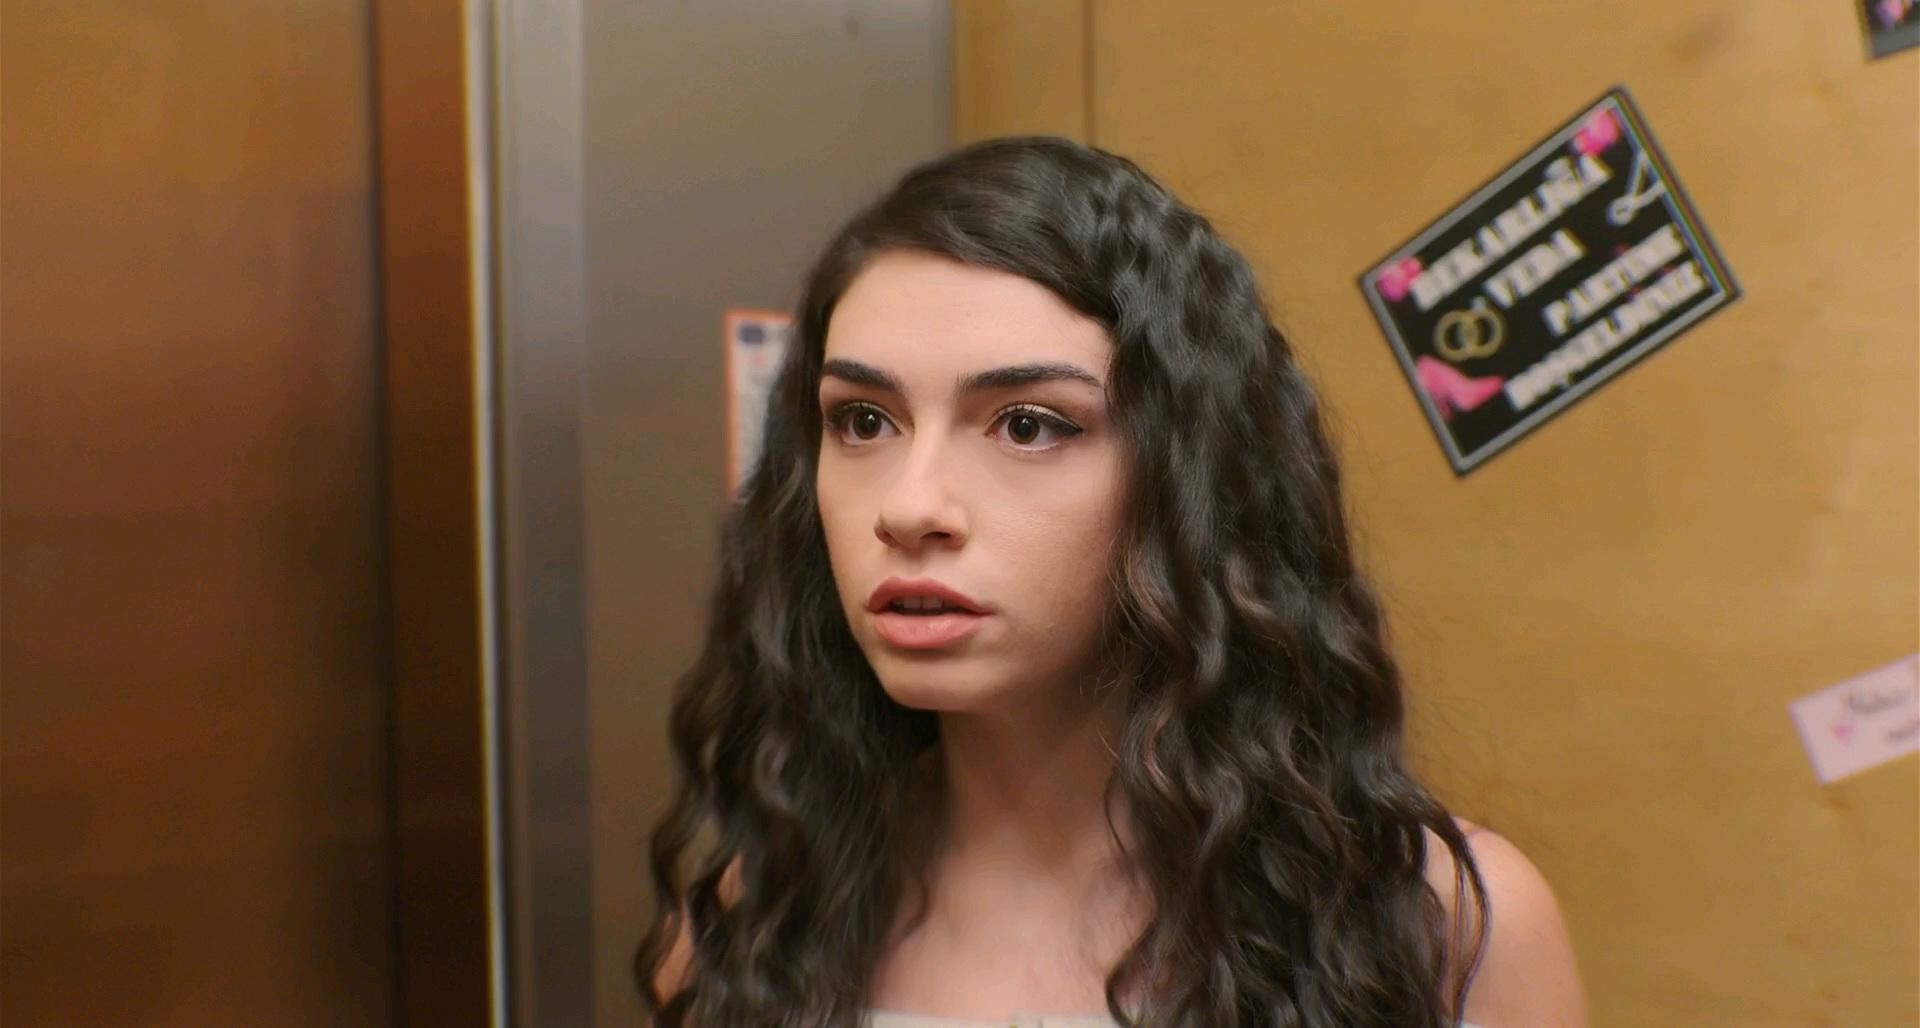 Her Şey Seninle Güzel   2018   Yerli Film   WEB-DL   XviD   Sansürsüz   1080p - m720p - m1080p   WEB-DL   Tek Link